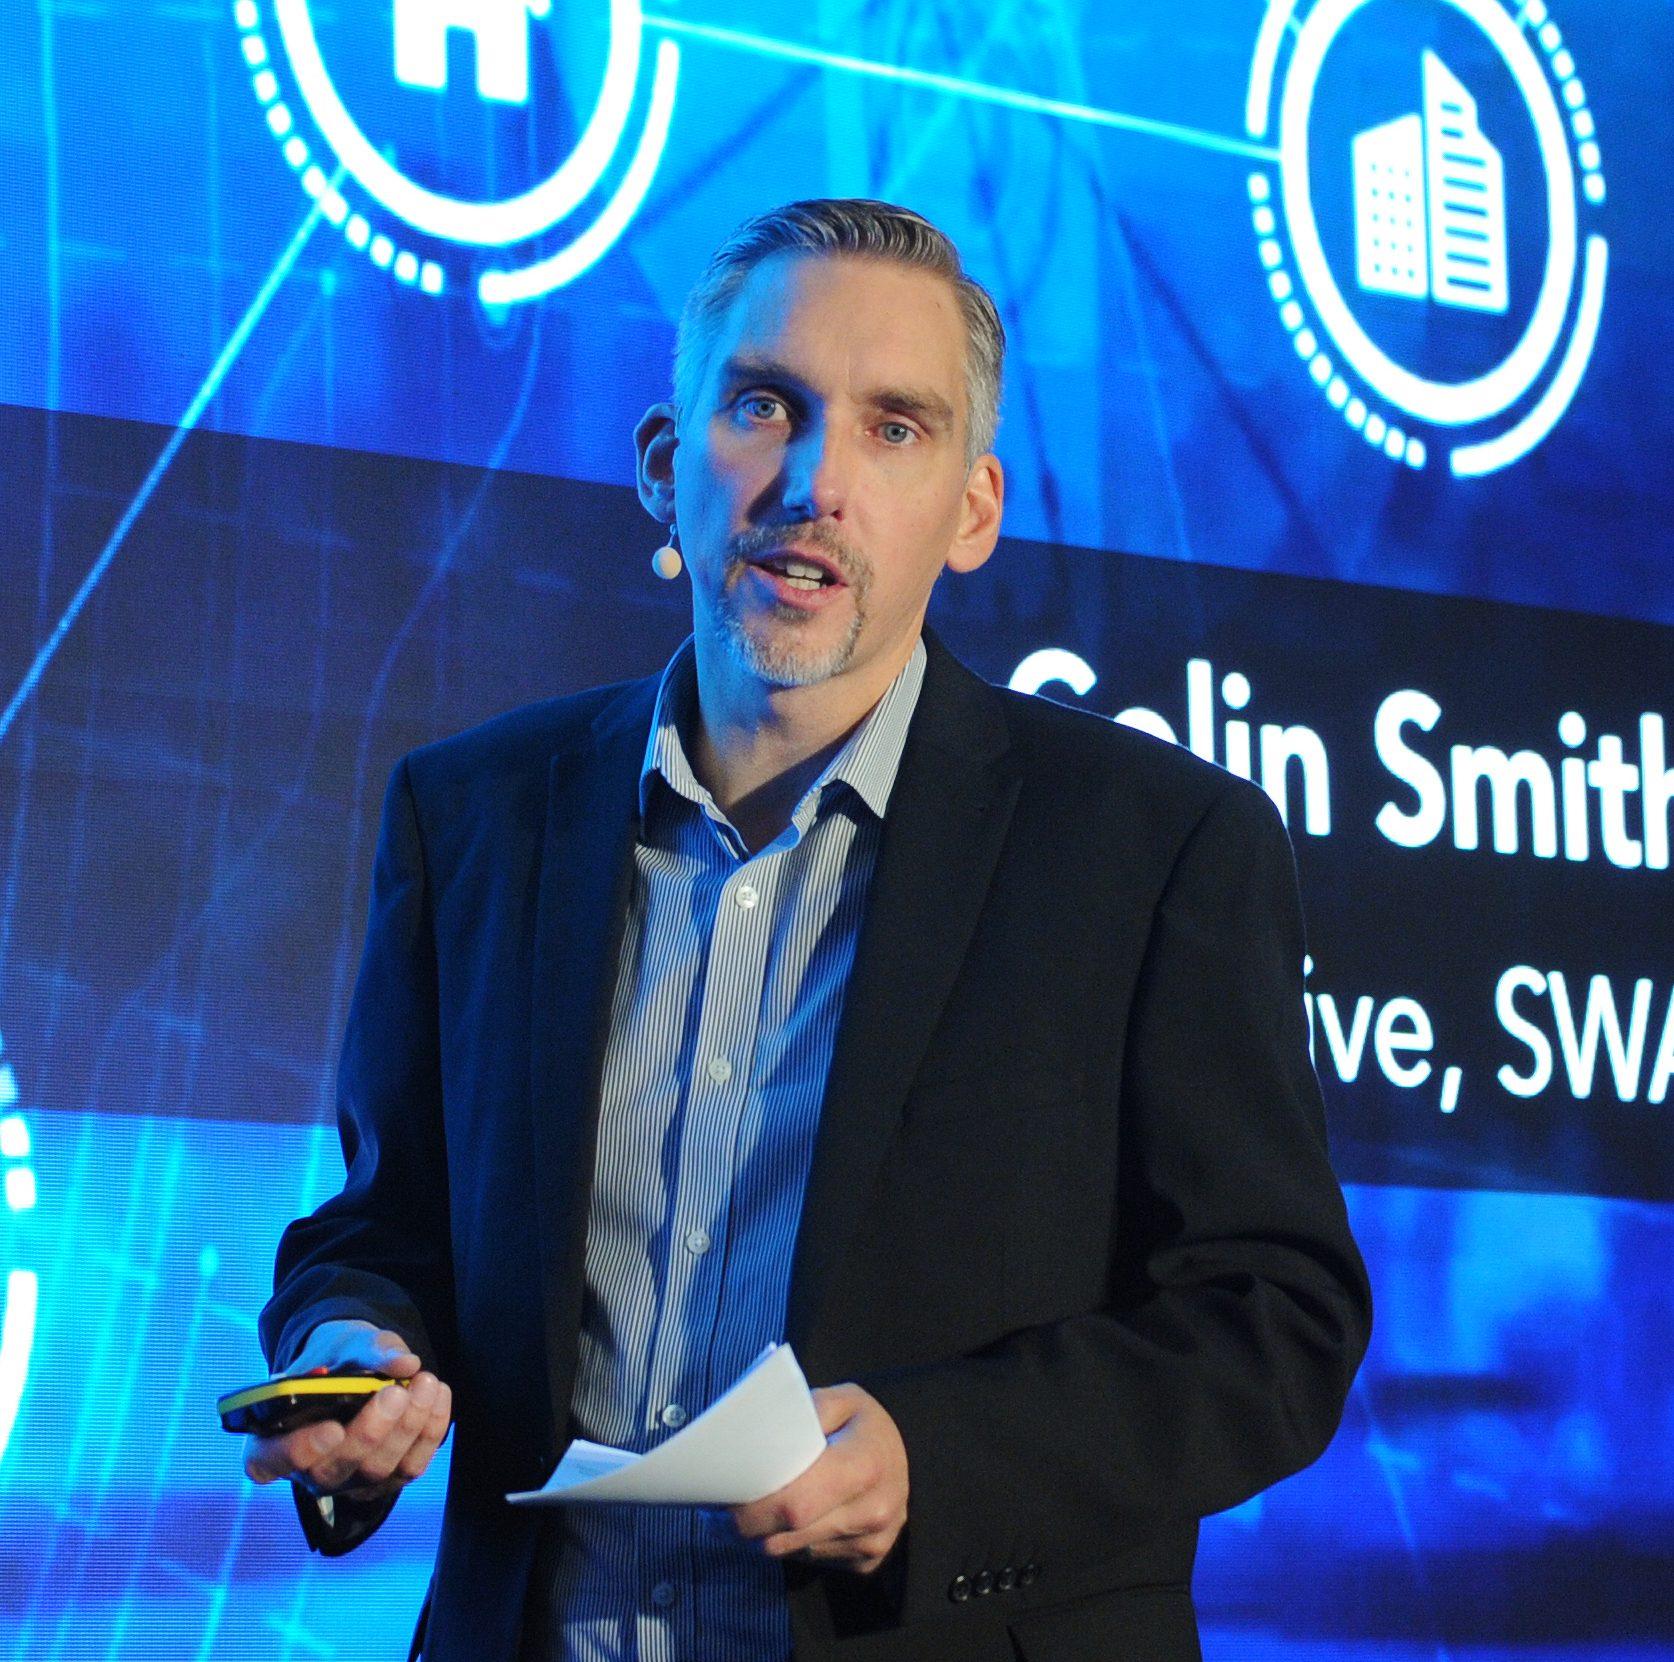 Colin-Smith2